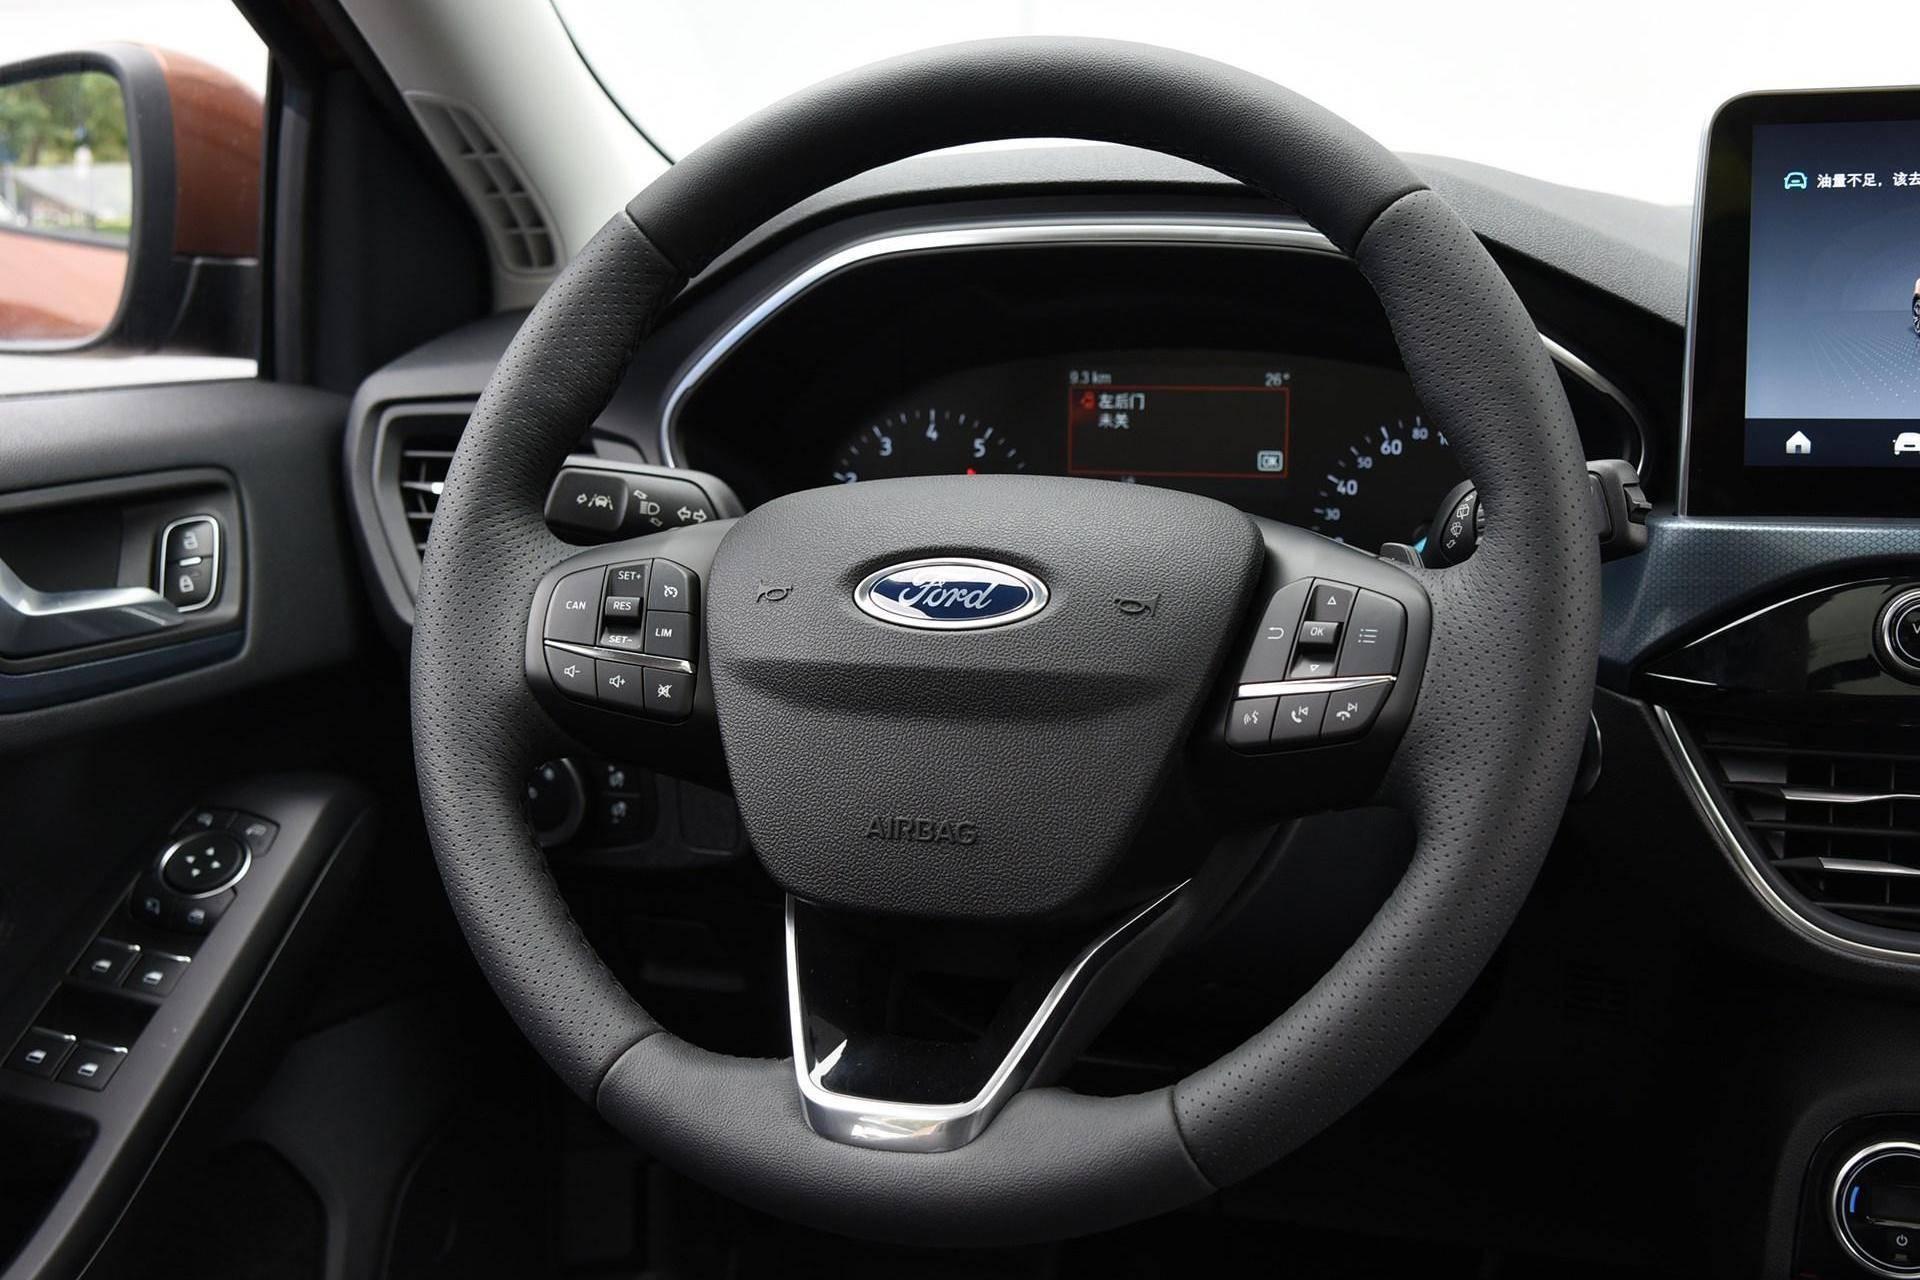 买换代福克斯?SUV版三缸强于宝马,174马力入门高于顶配